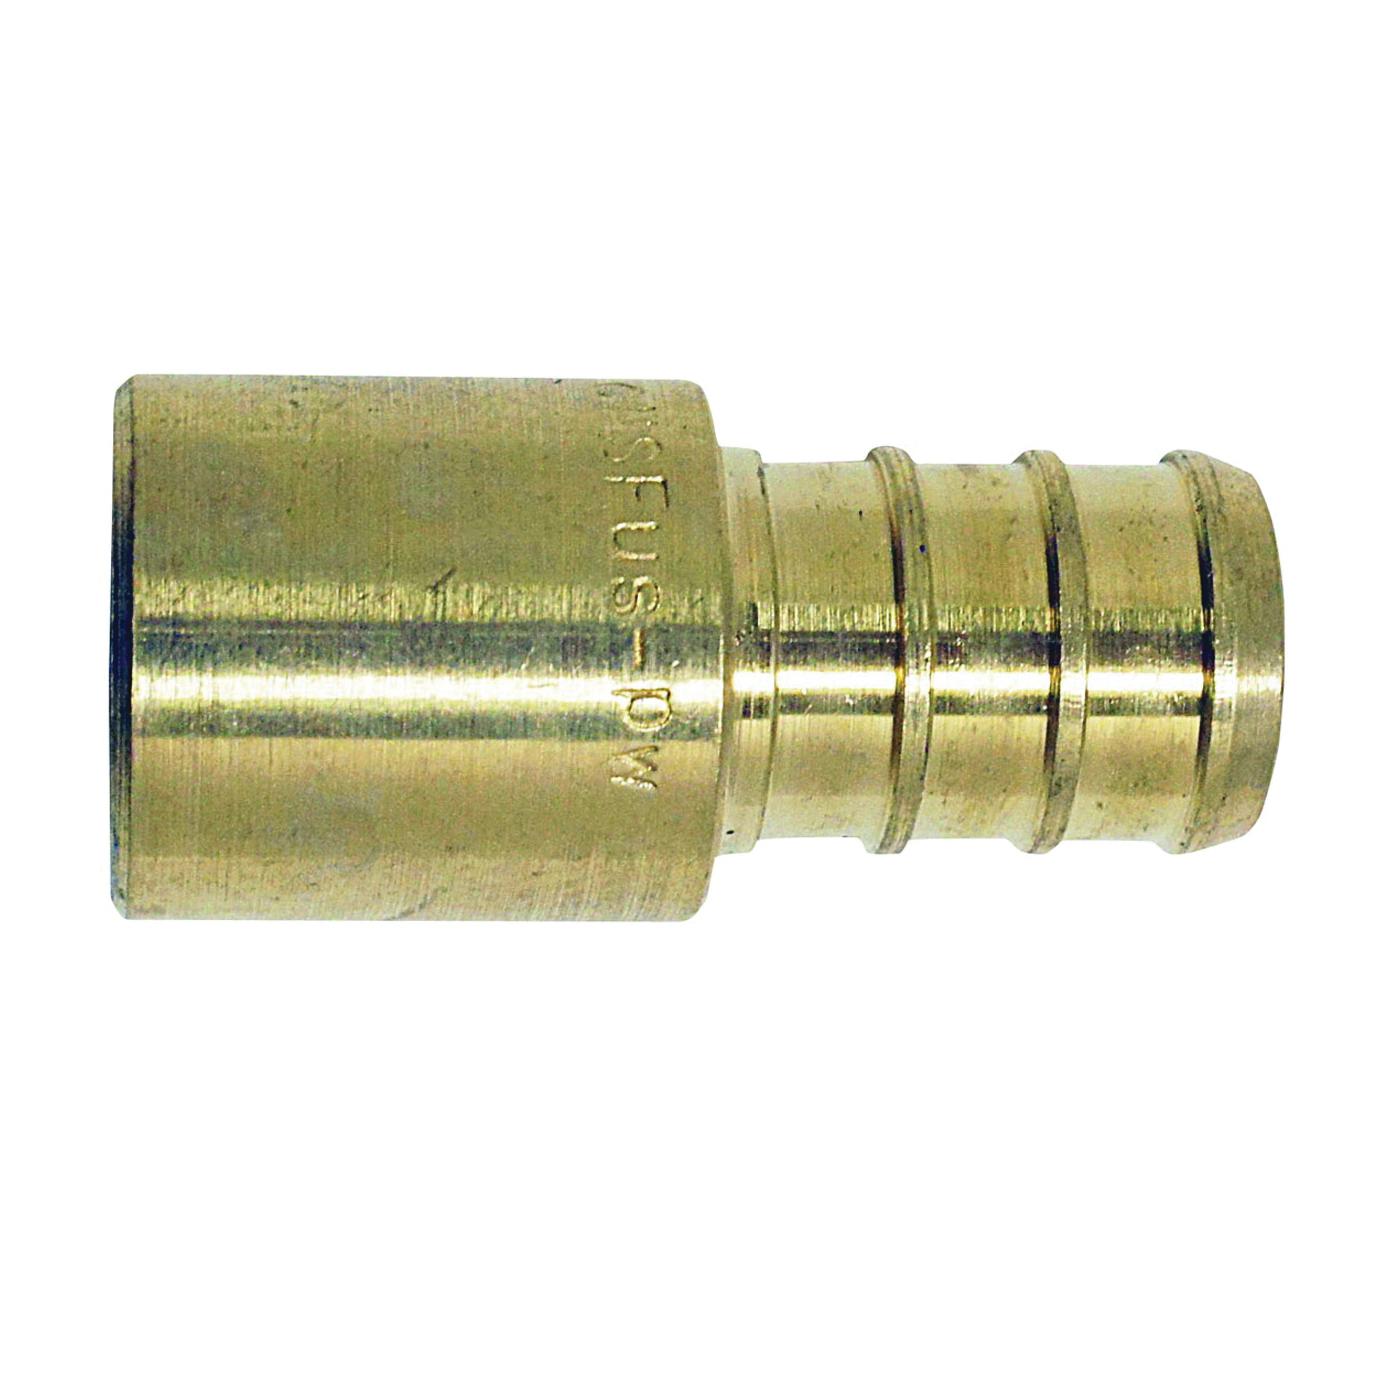 Picture of Apollo APXMS1212 Pipe Adapter, 1/2 in, PEX x Male Solder, Brass, 200 psi Pressure